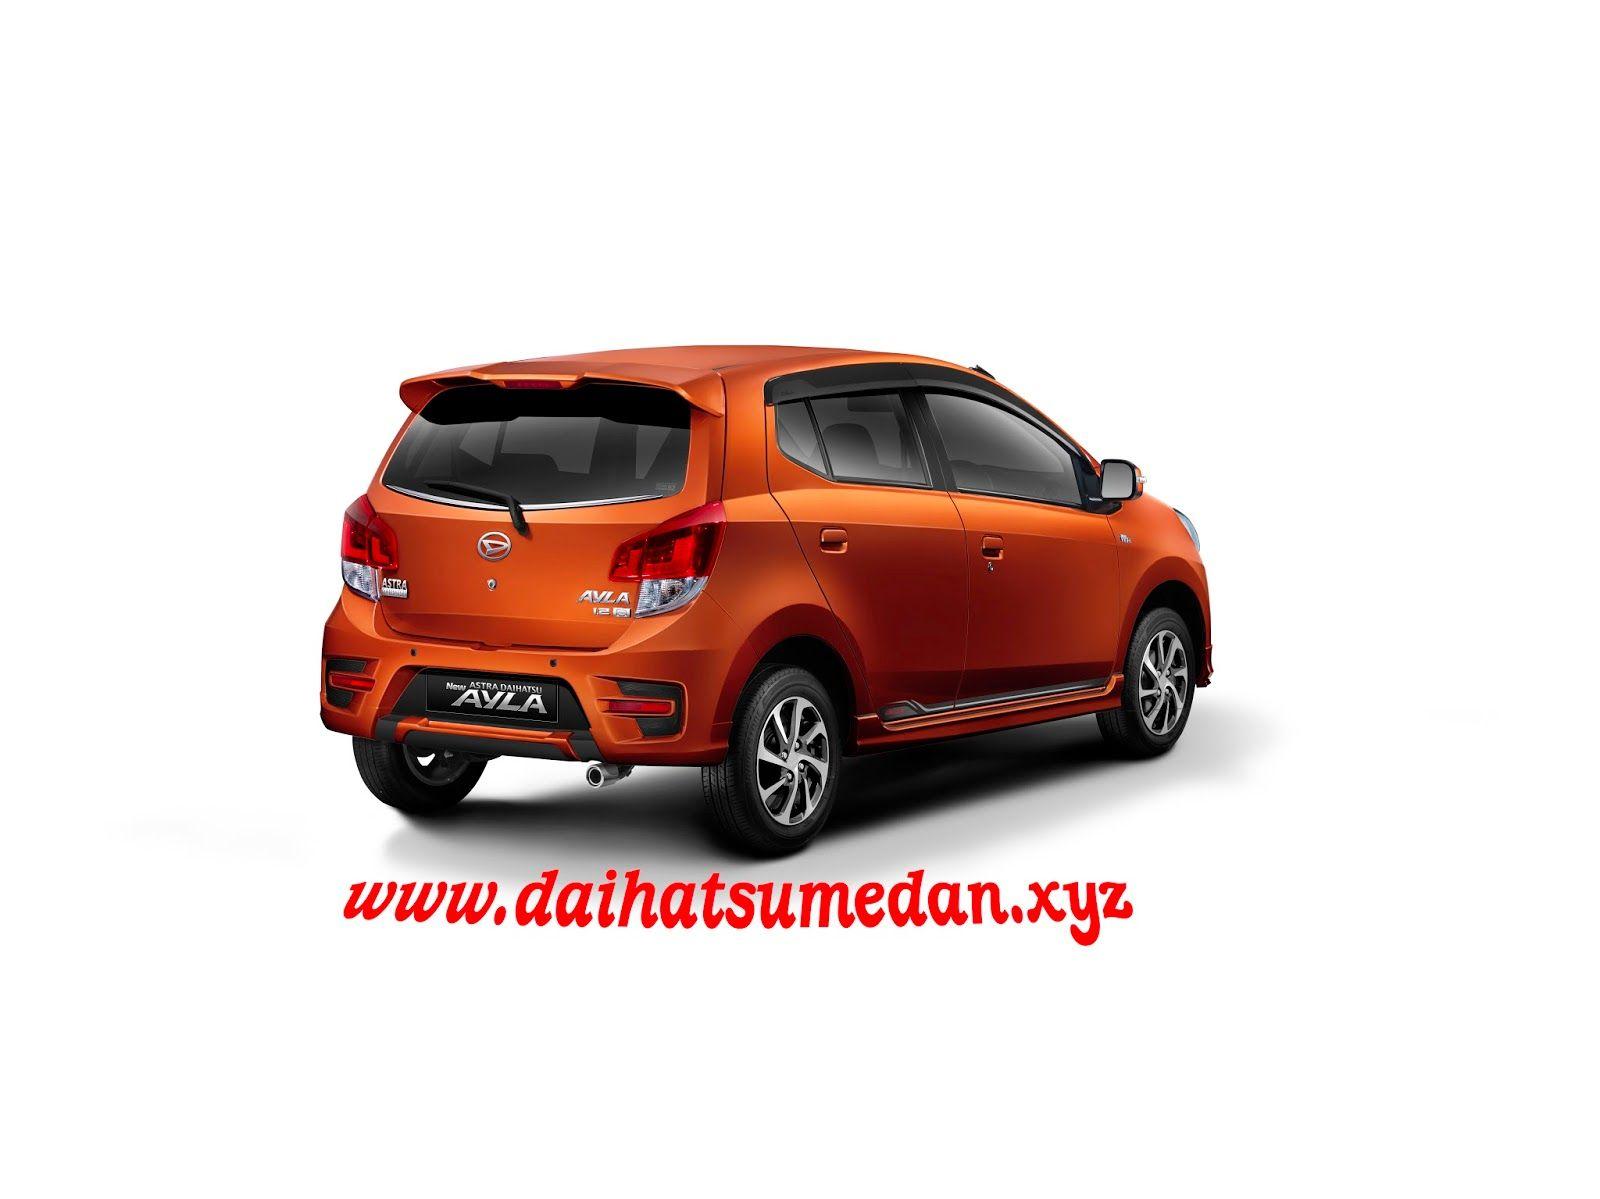 Harga Otr Medan Daihatsu New Ayla April 2017 Daihatsu Toy Car